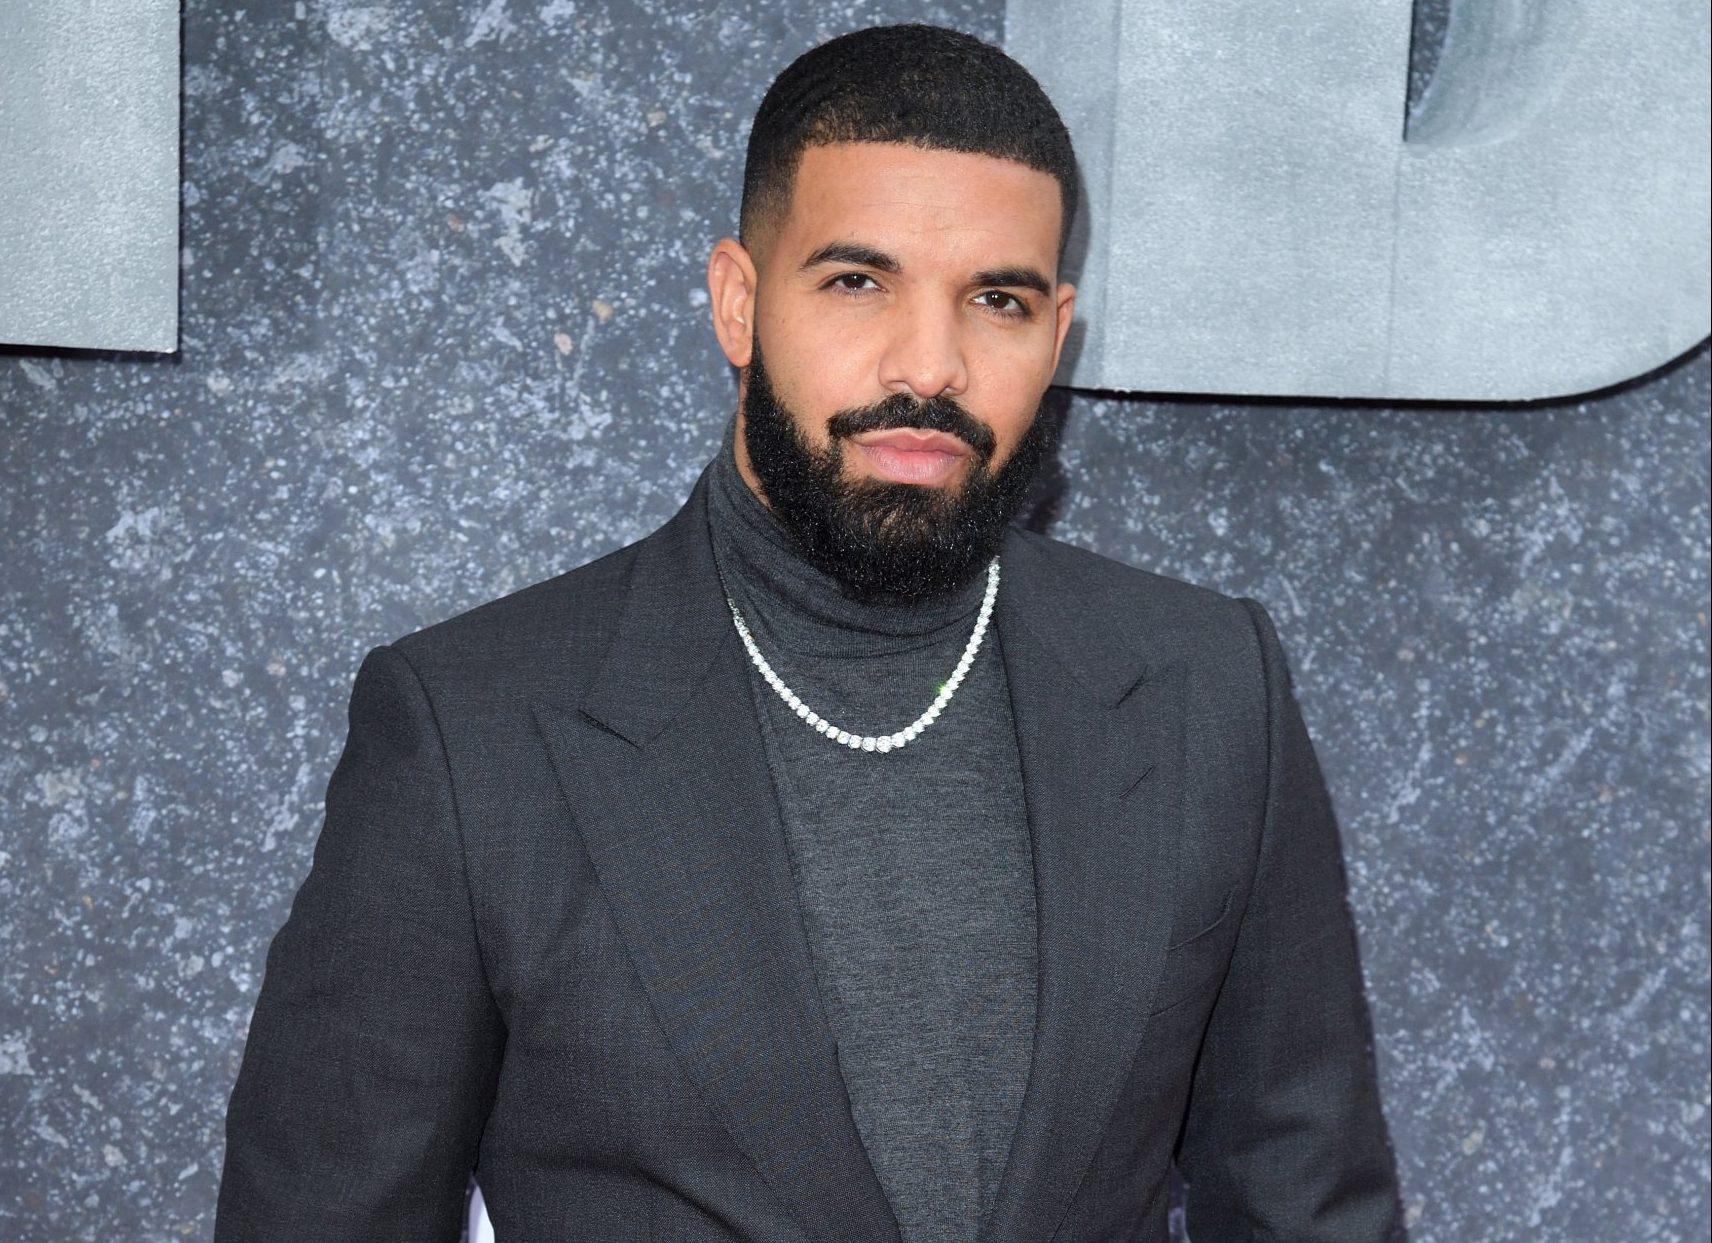 Drake Reveals He Tested Negative for Coronavirus